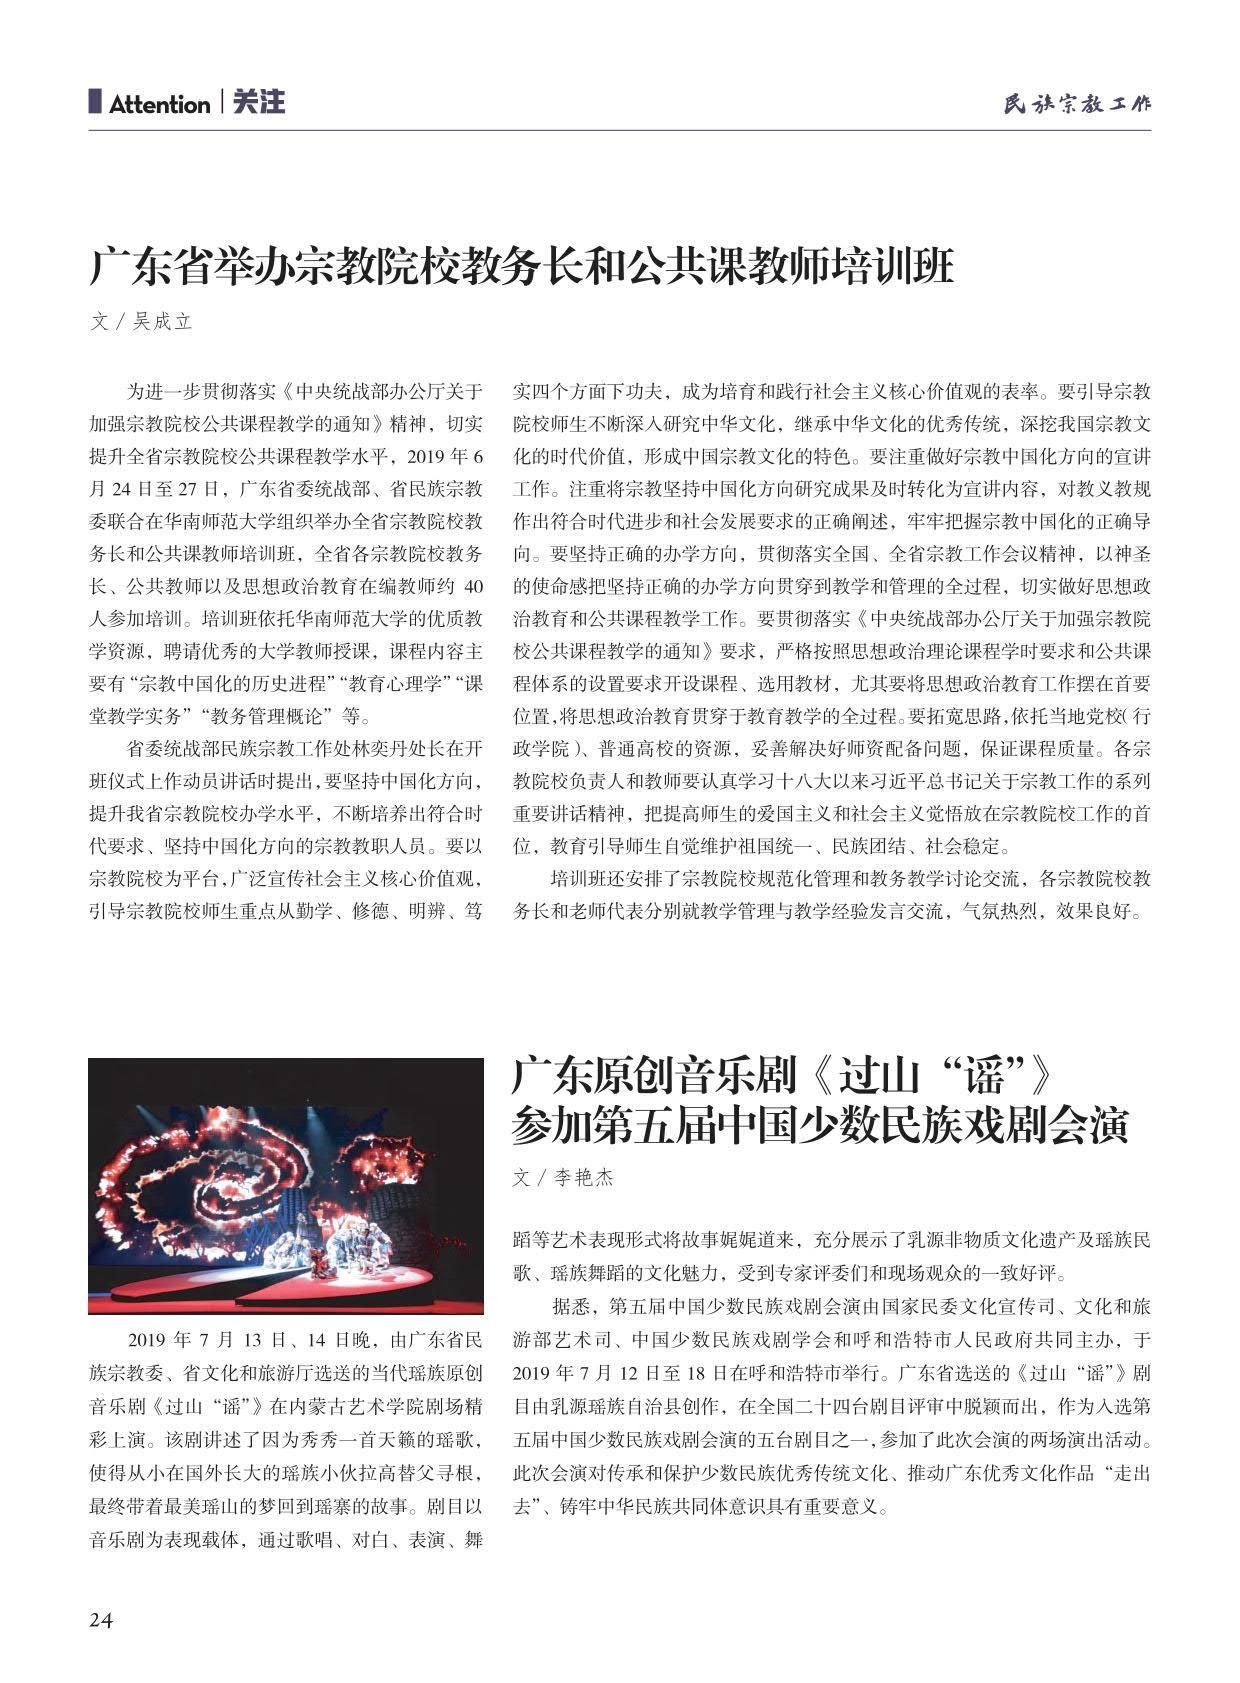 民宗委 十月(1)_26.jpg